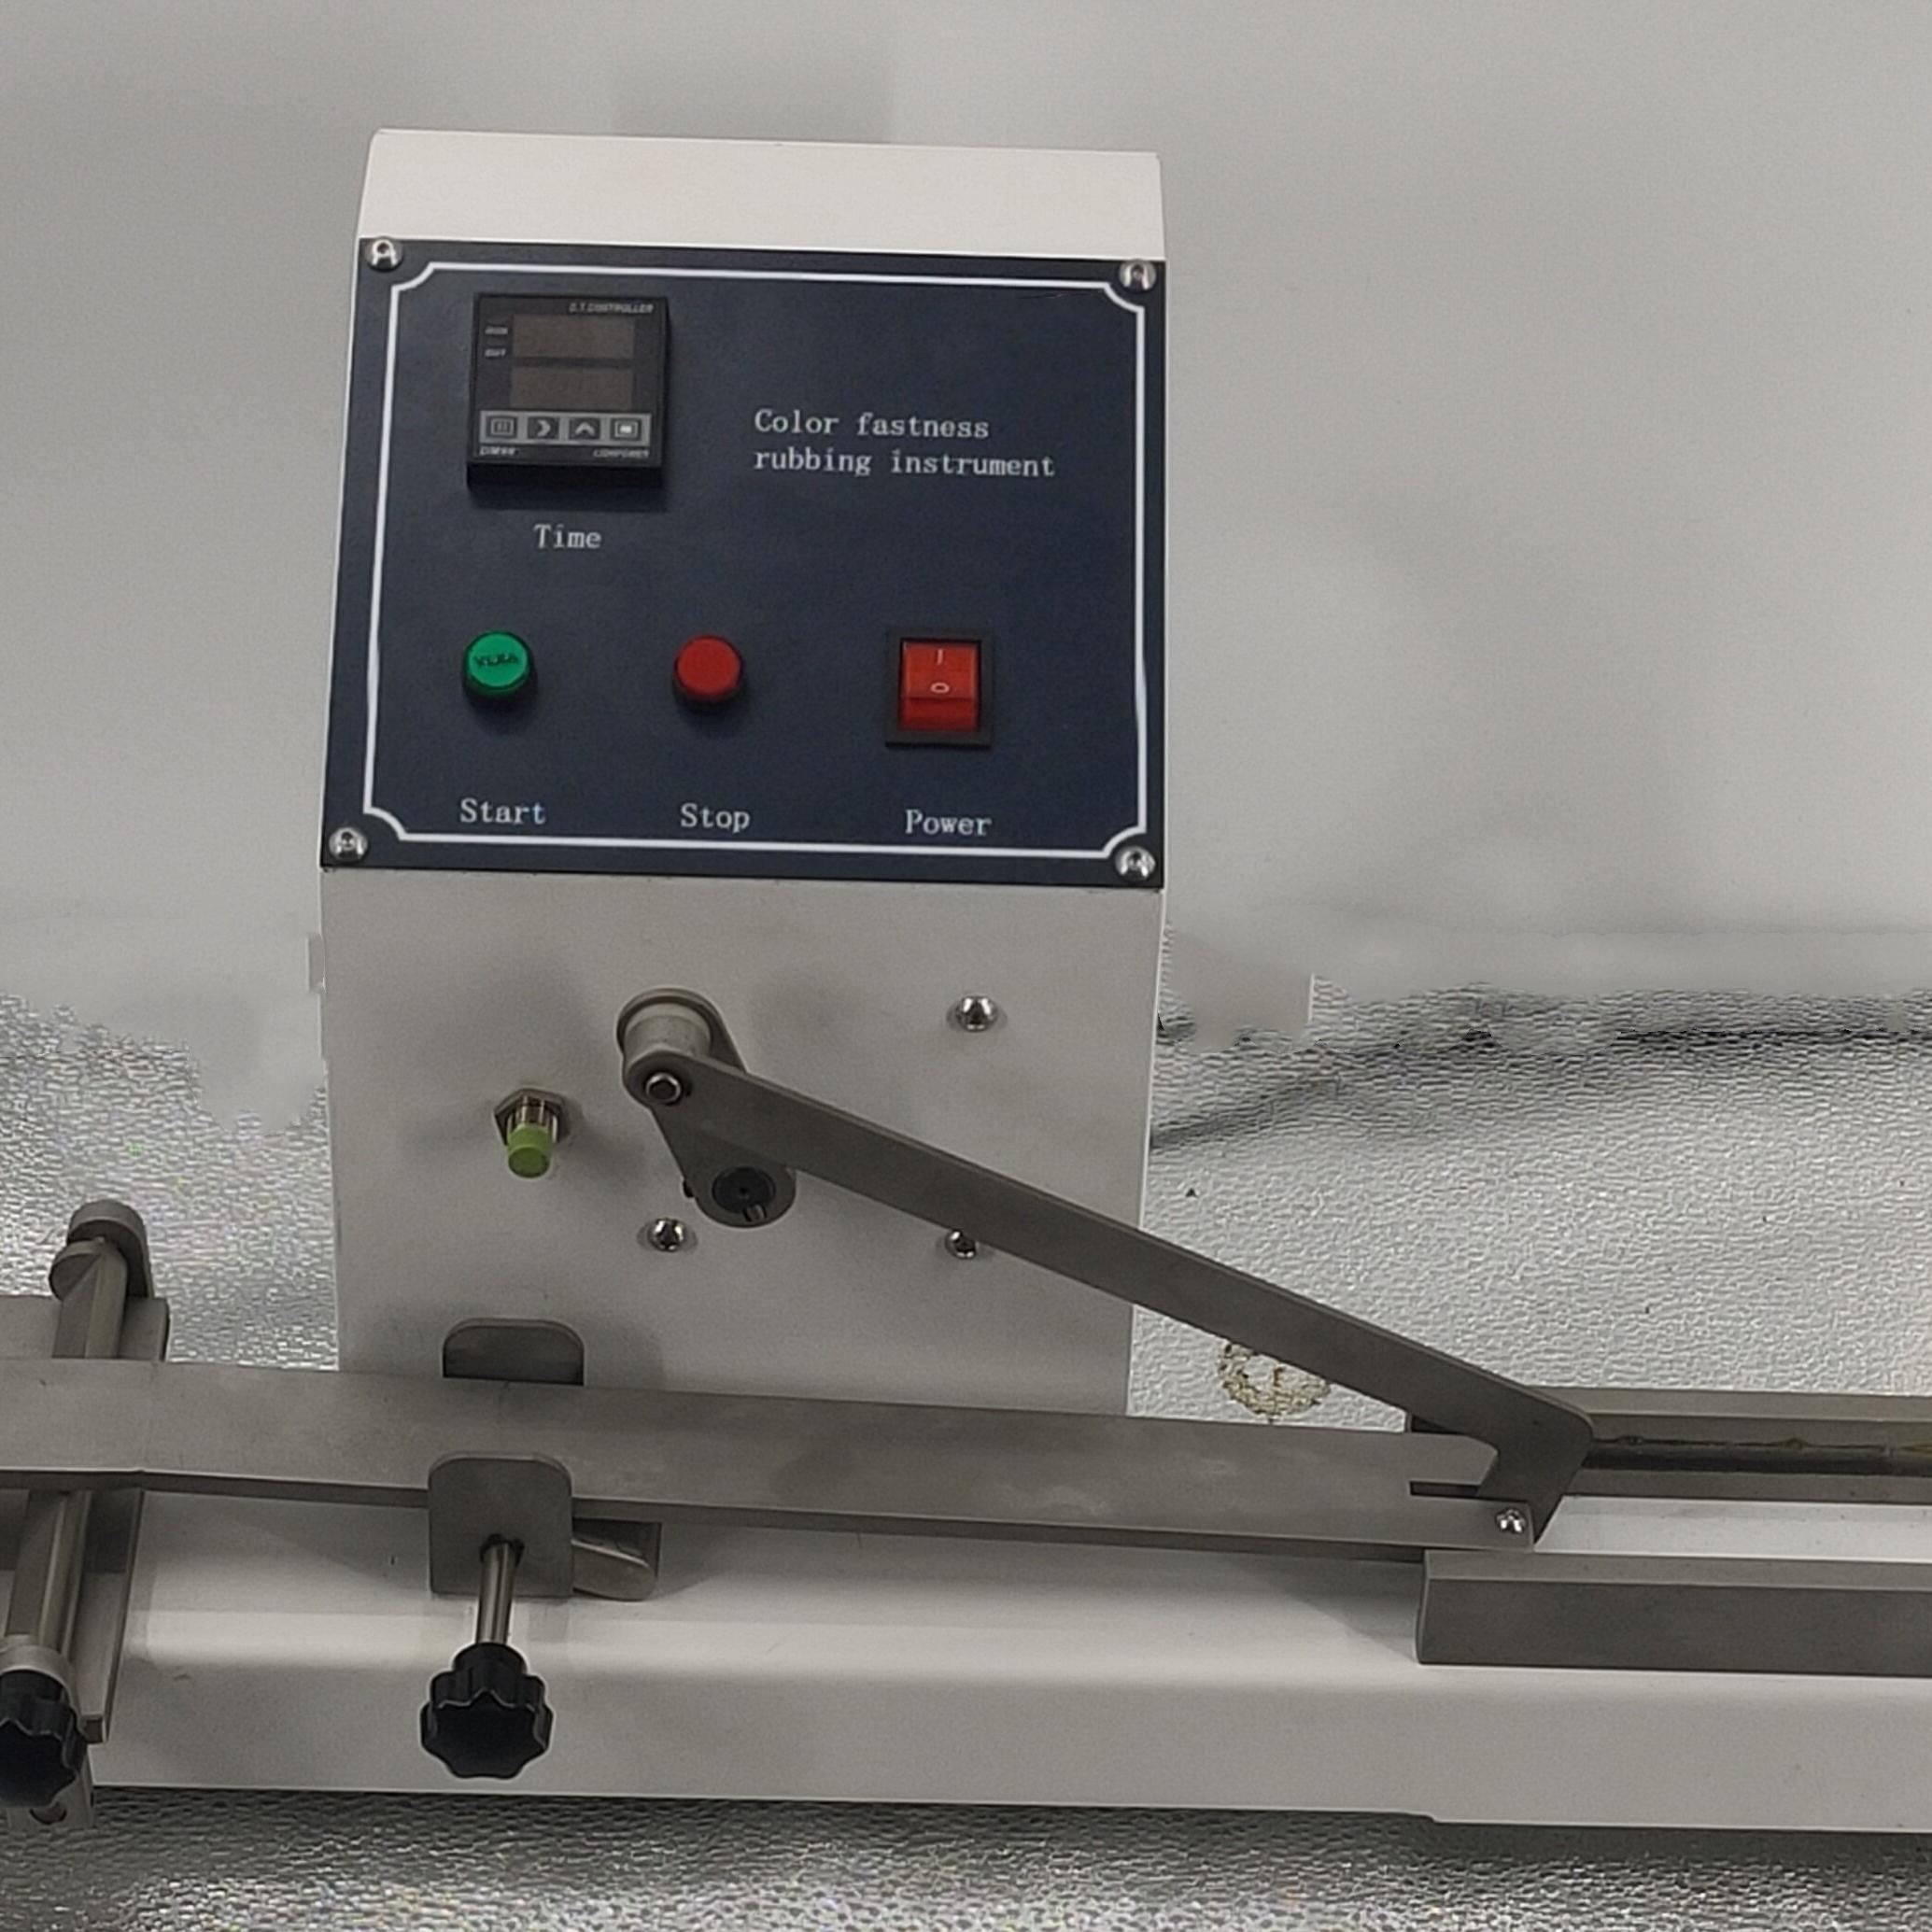 摩擦色牢度测试仪